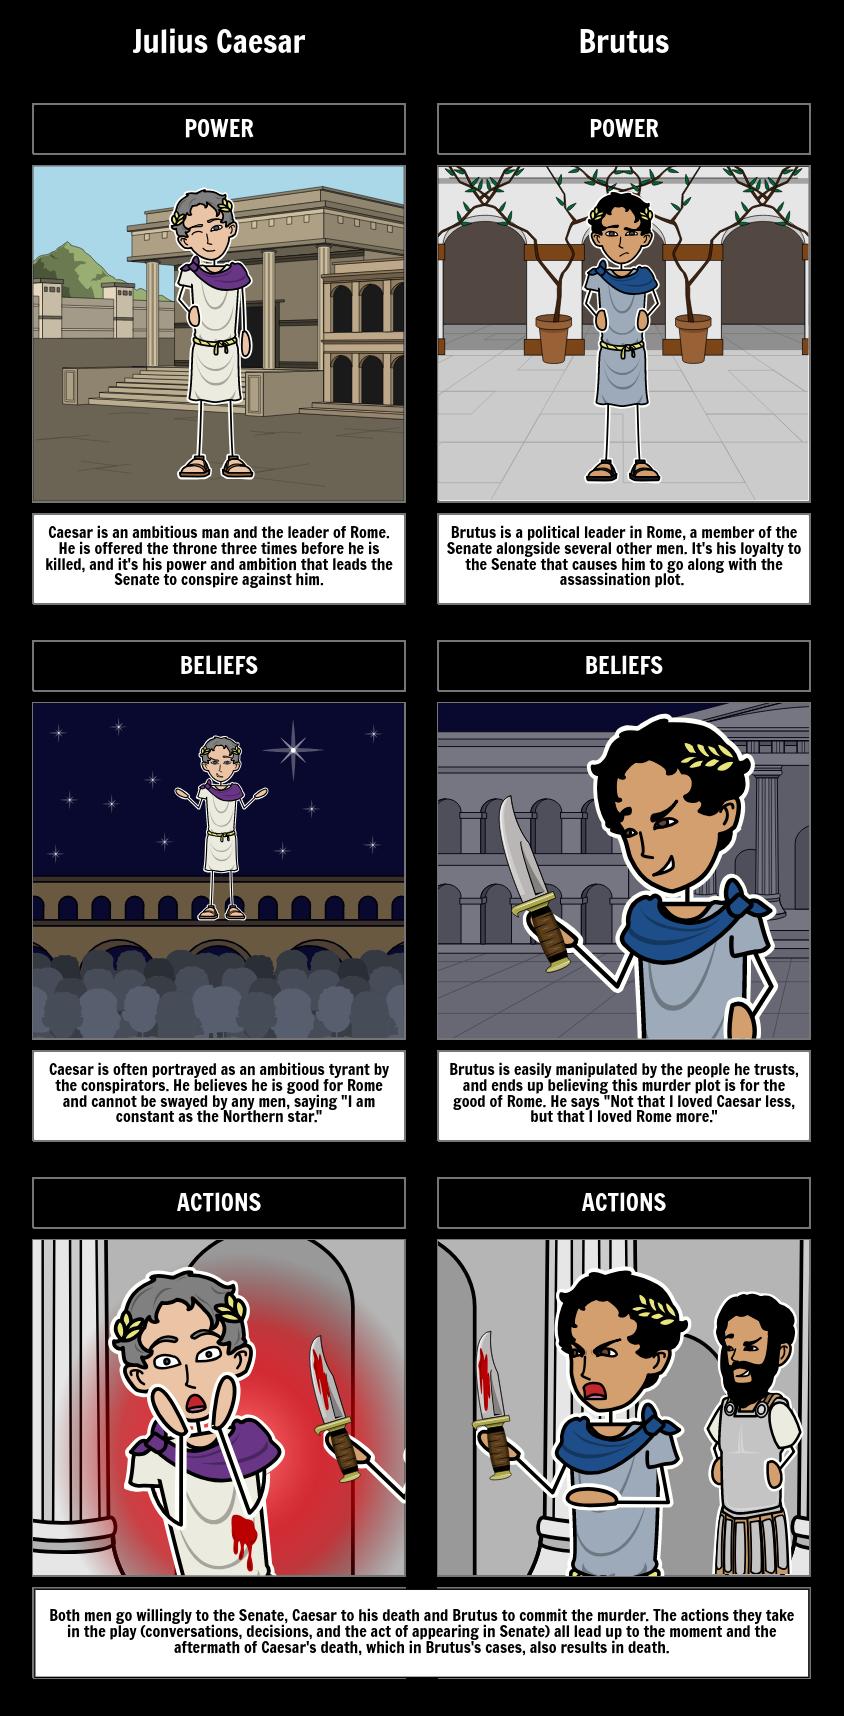 Comparing Julius Caesar Characters